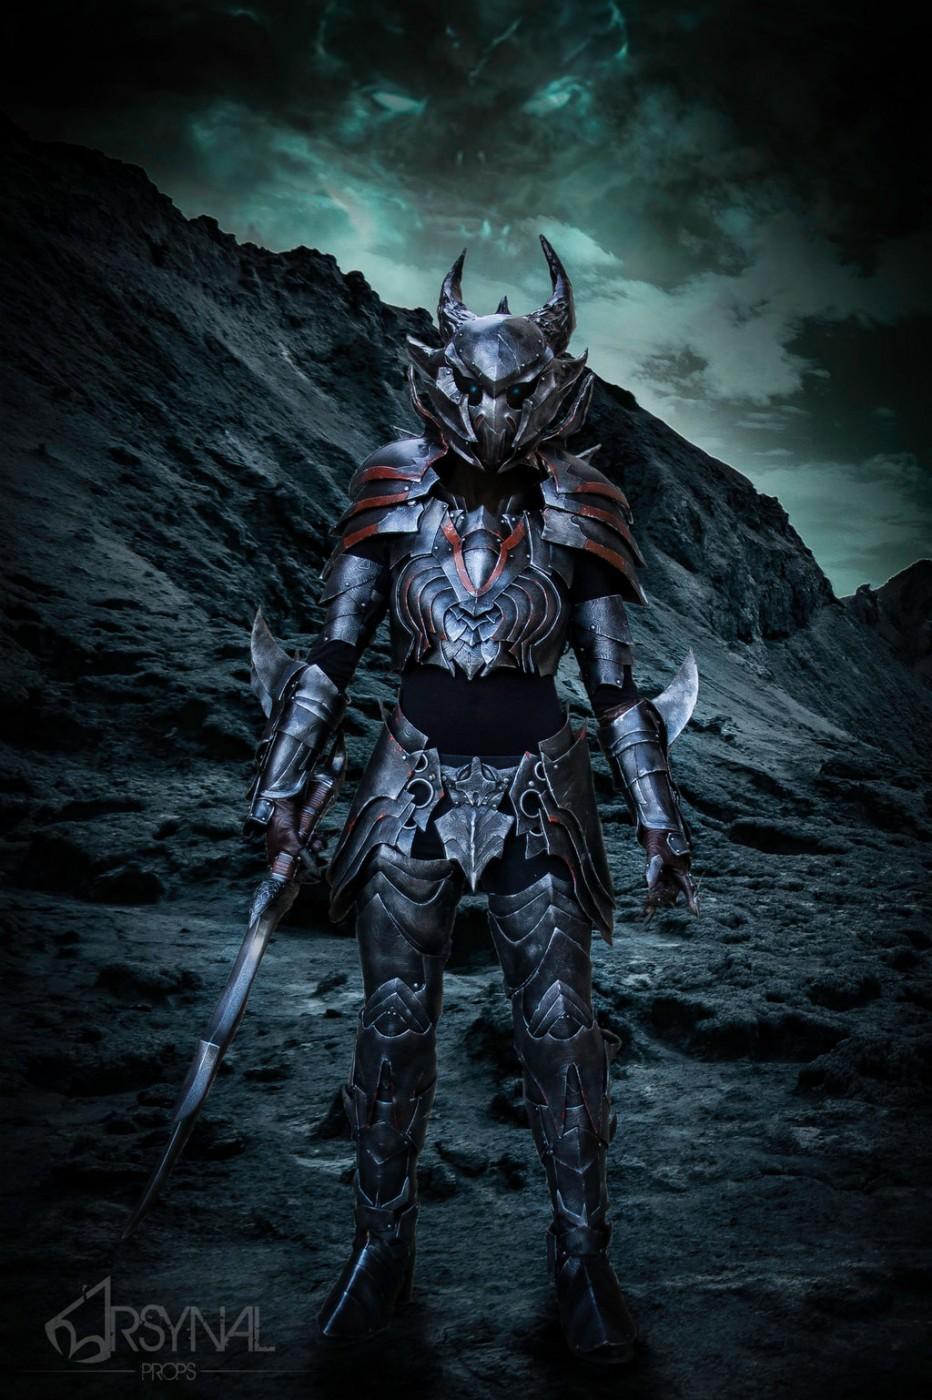 The-Elder-Scrolls-Online-Daedric-Armor-Cosplay-Gamers-Heroes-4.jpg